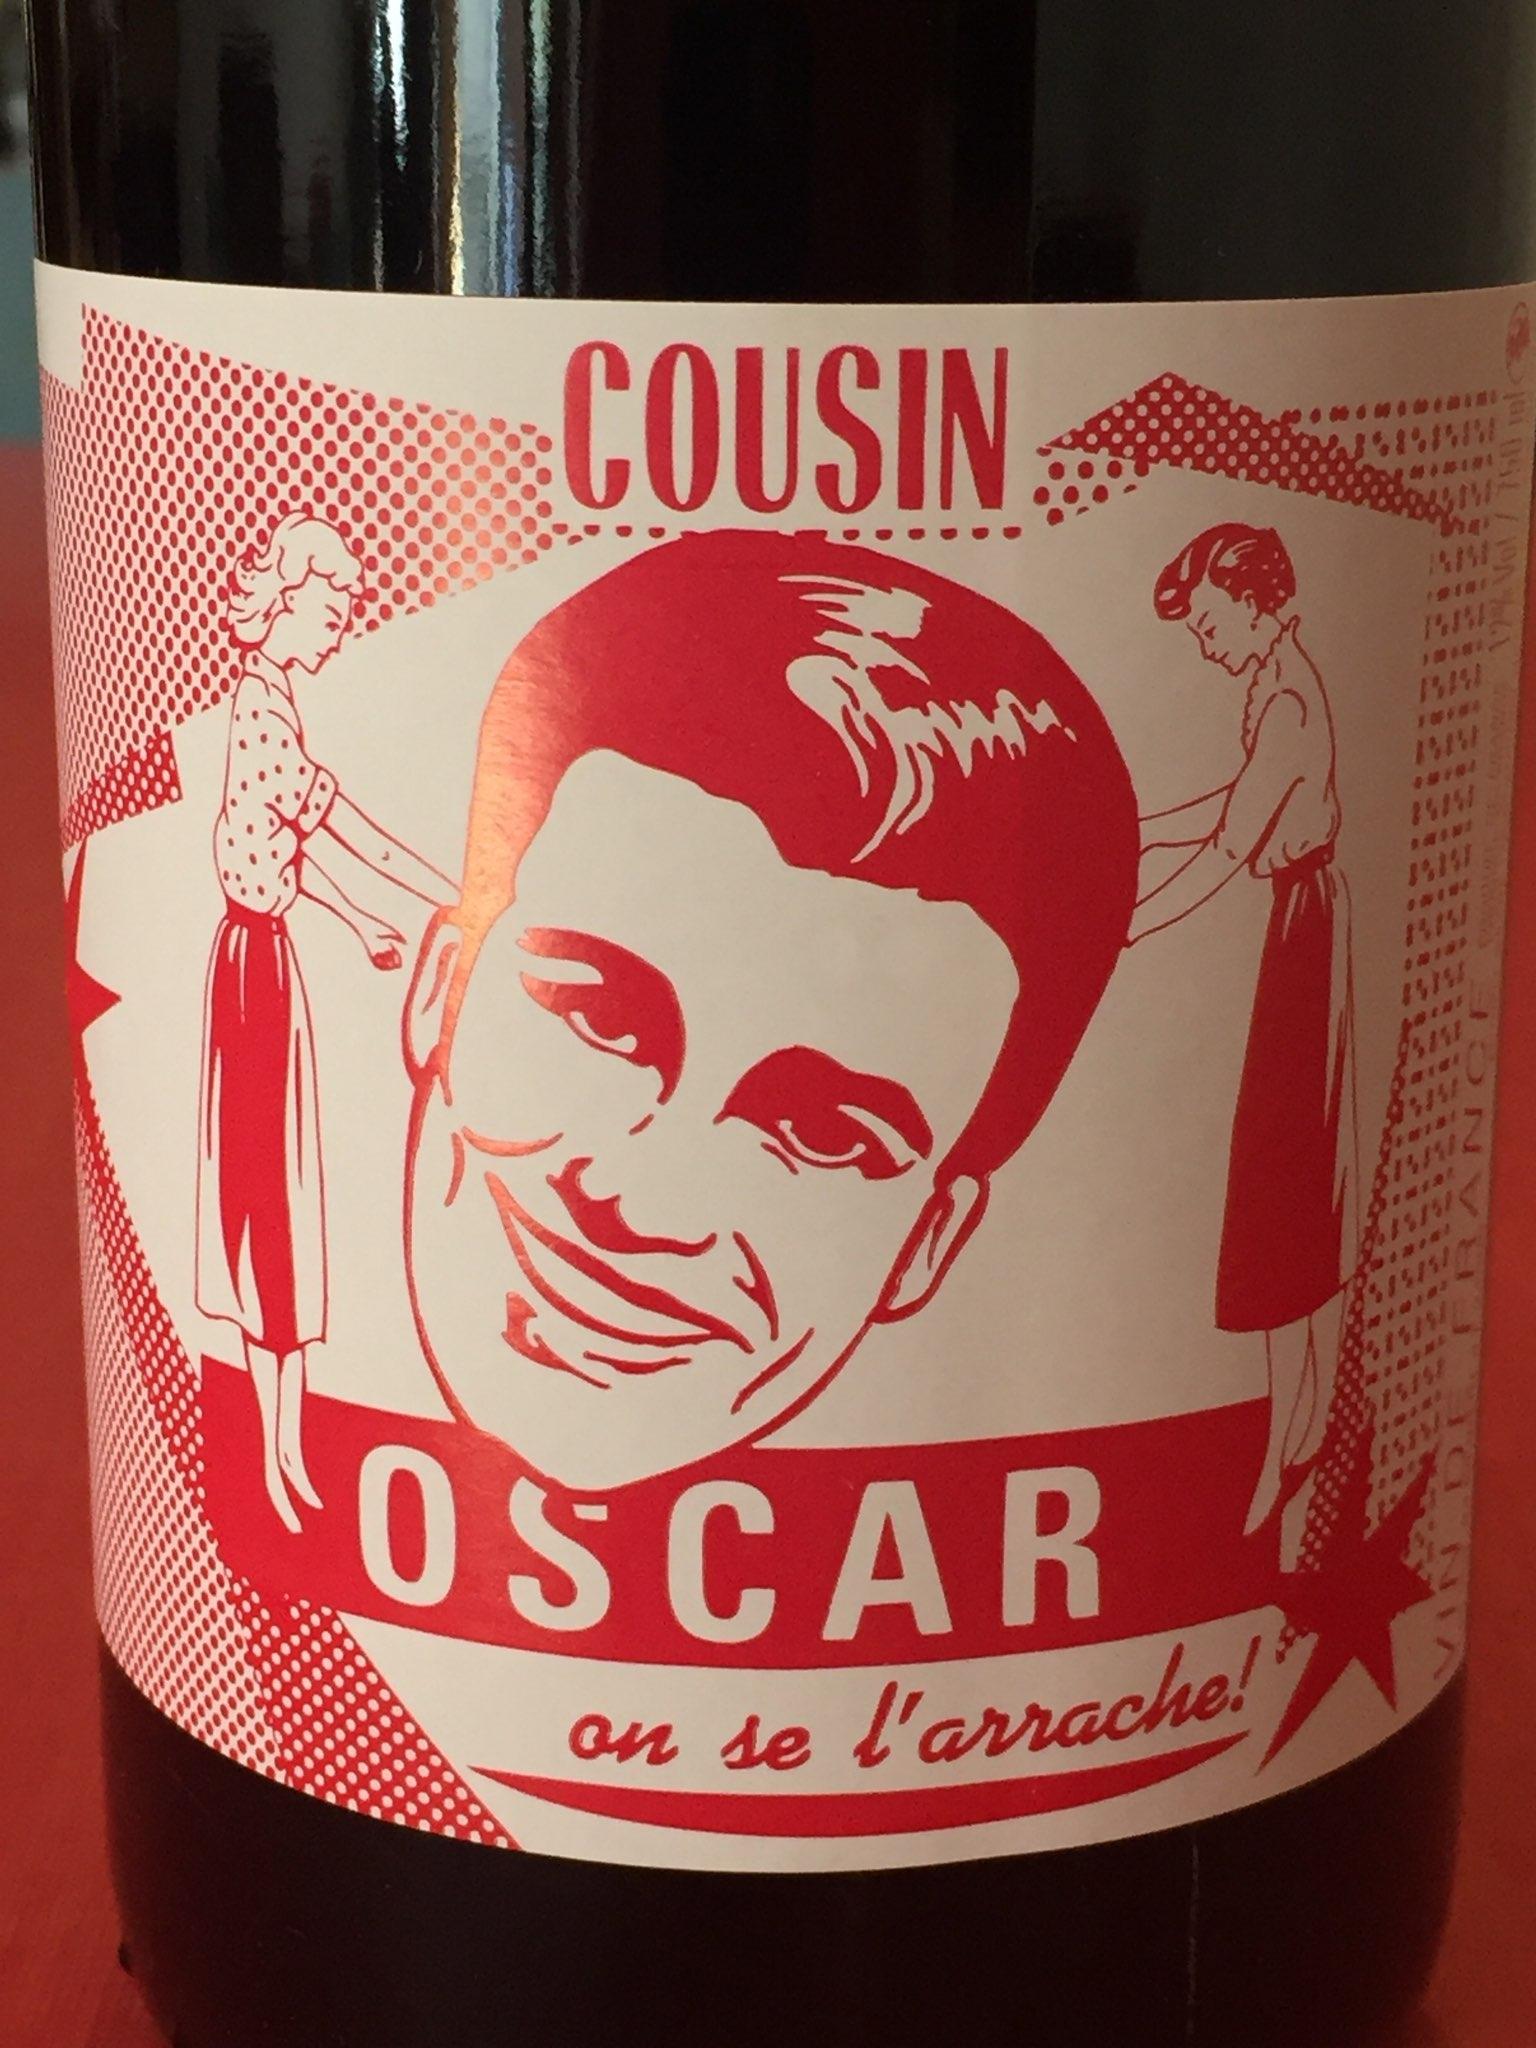 etiquette_domaine-rimbert_cousin-oscar-on-se-l-arrache_vin-epicerie-nimes